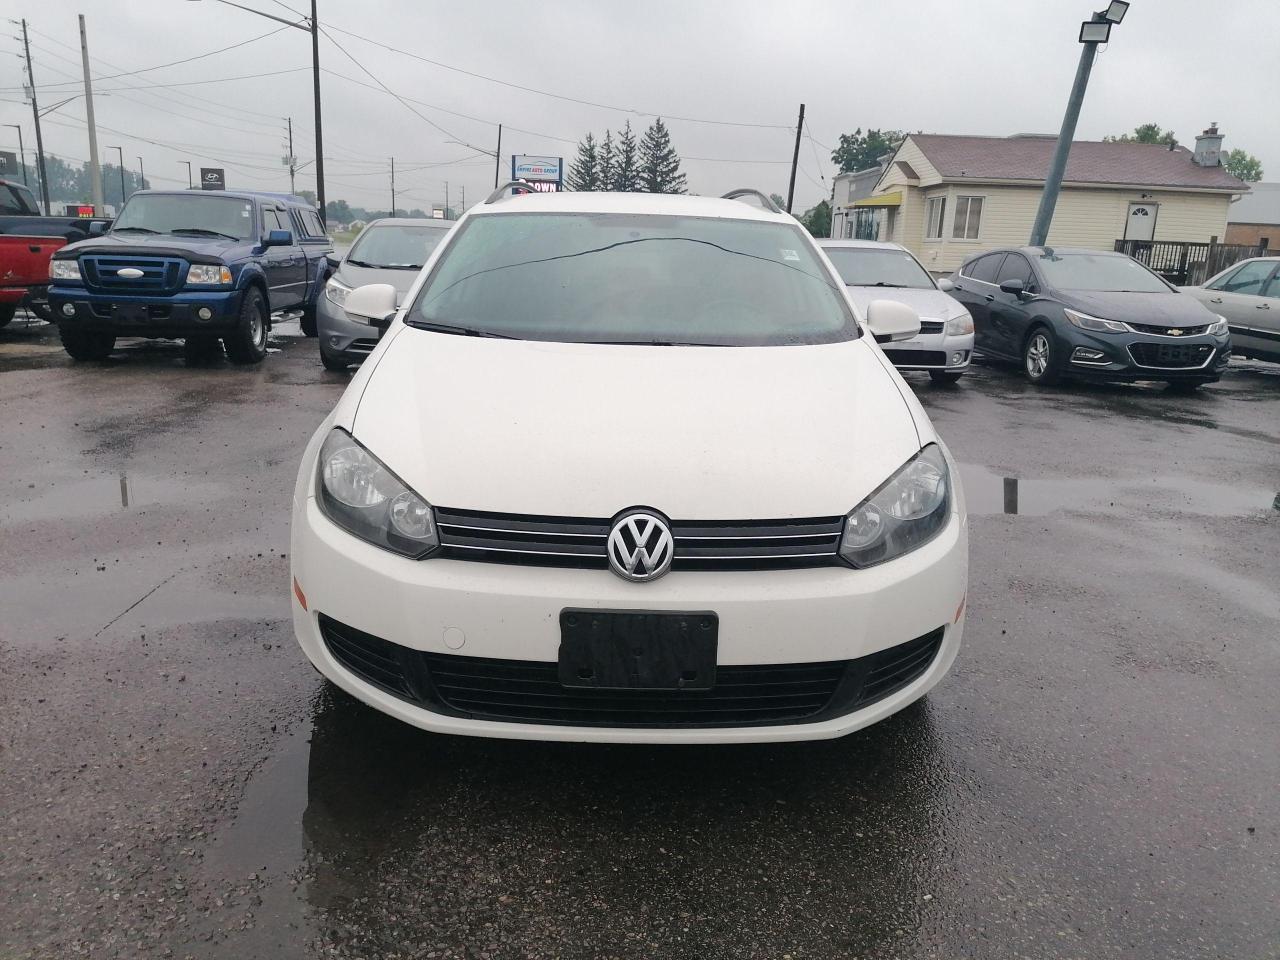 2010 Volkswagen Golf Wagon